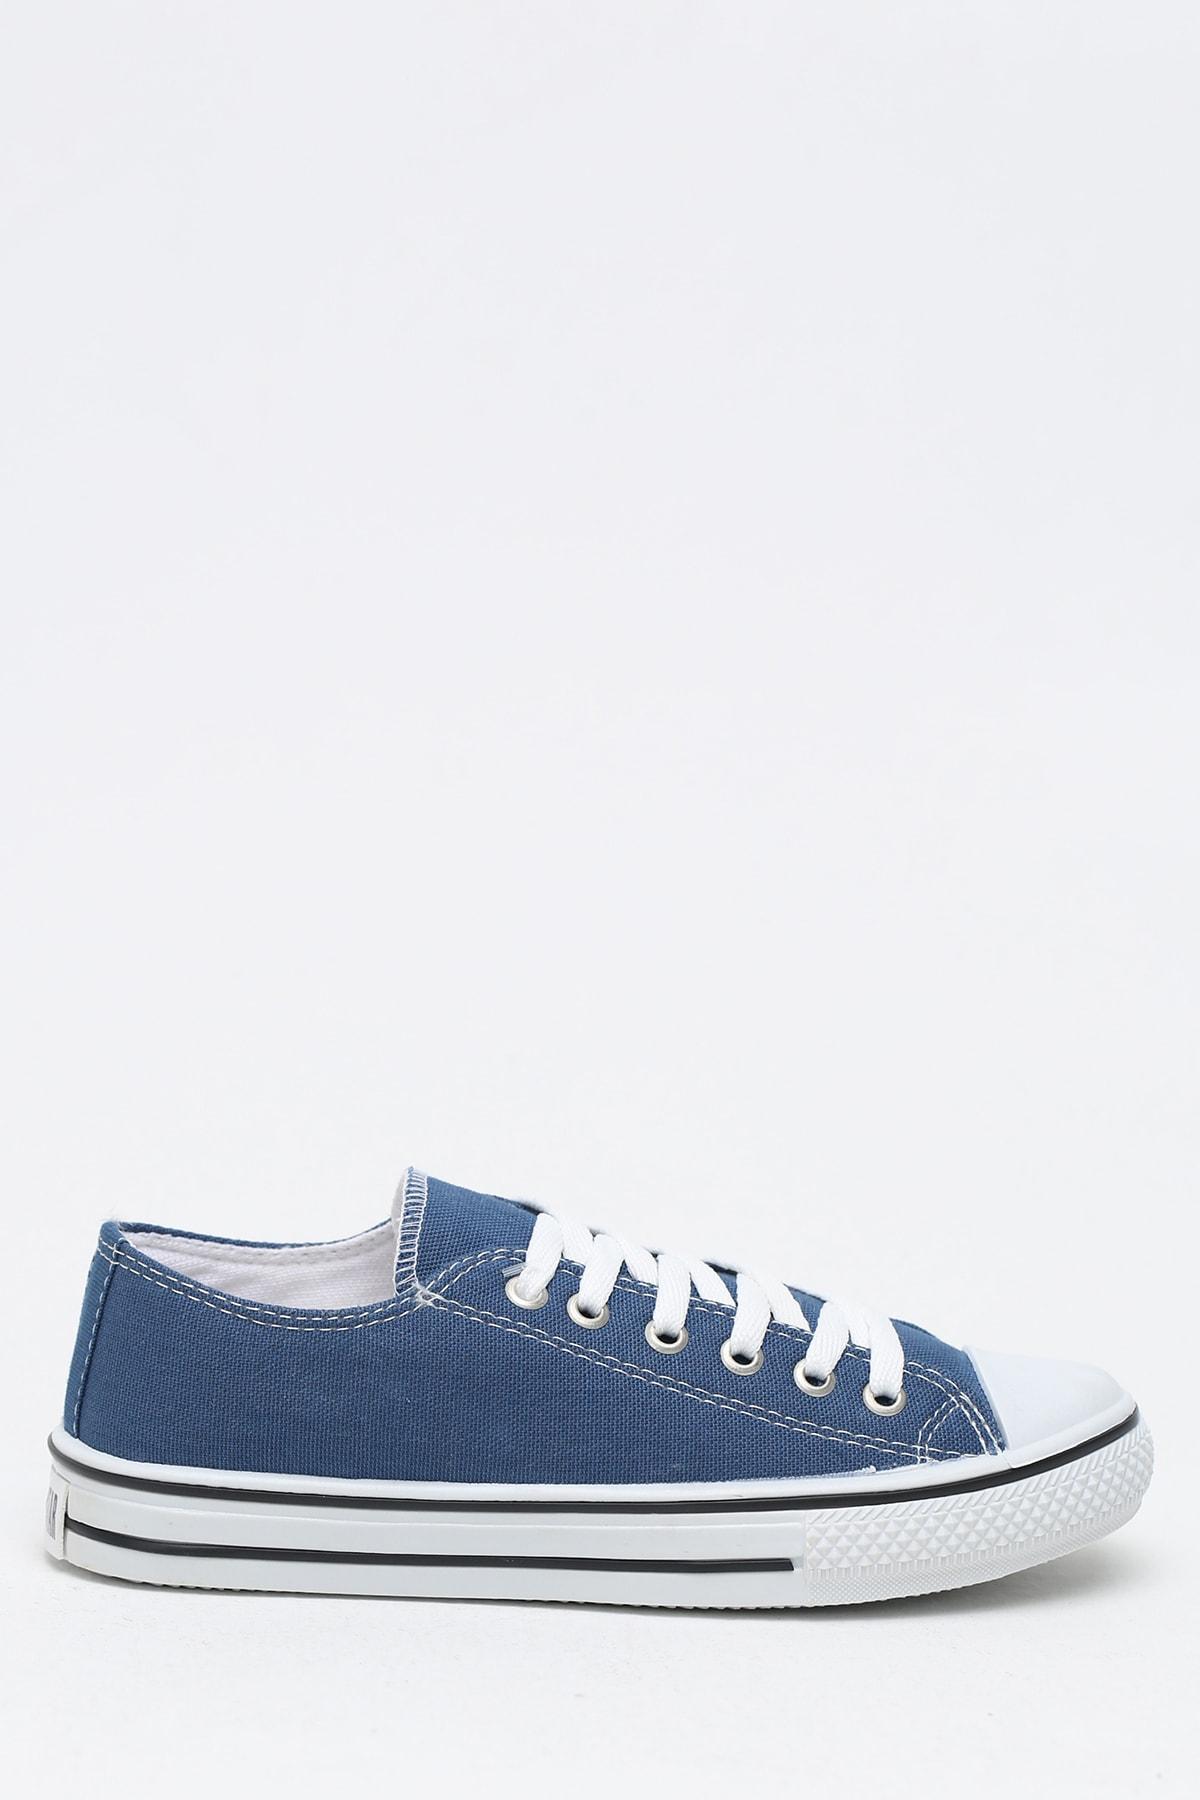 Ayakkabı Modası Lacivert Krem Kadın Ayakkabı M9999-19-100165R 1